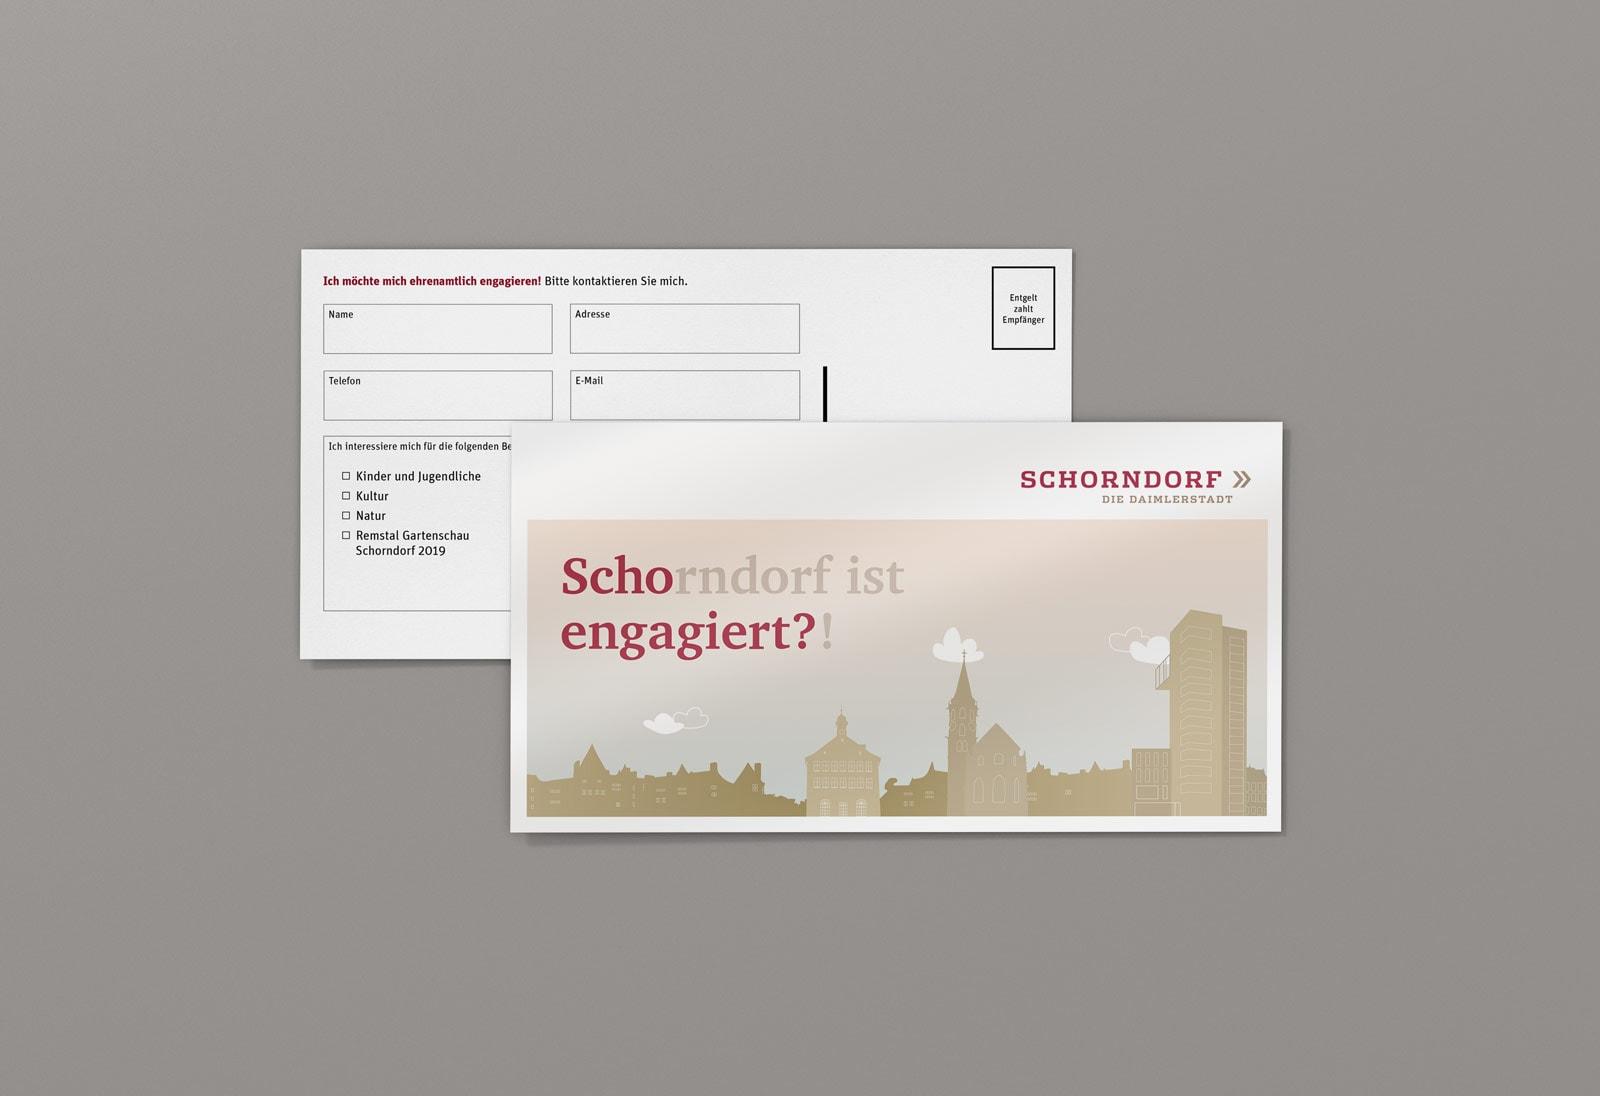 Scho-engagiert, Maxi-Postkarte, Werbemittel, Stadt Schorndorf, Vorder- und Rückseite gerade